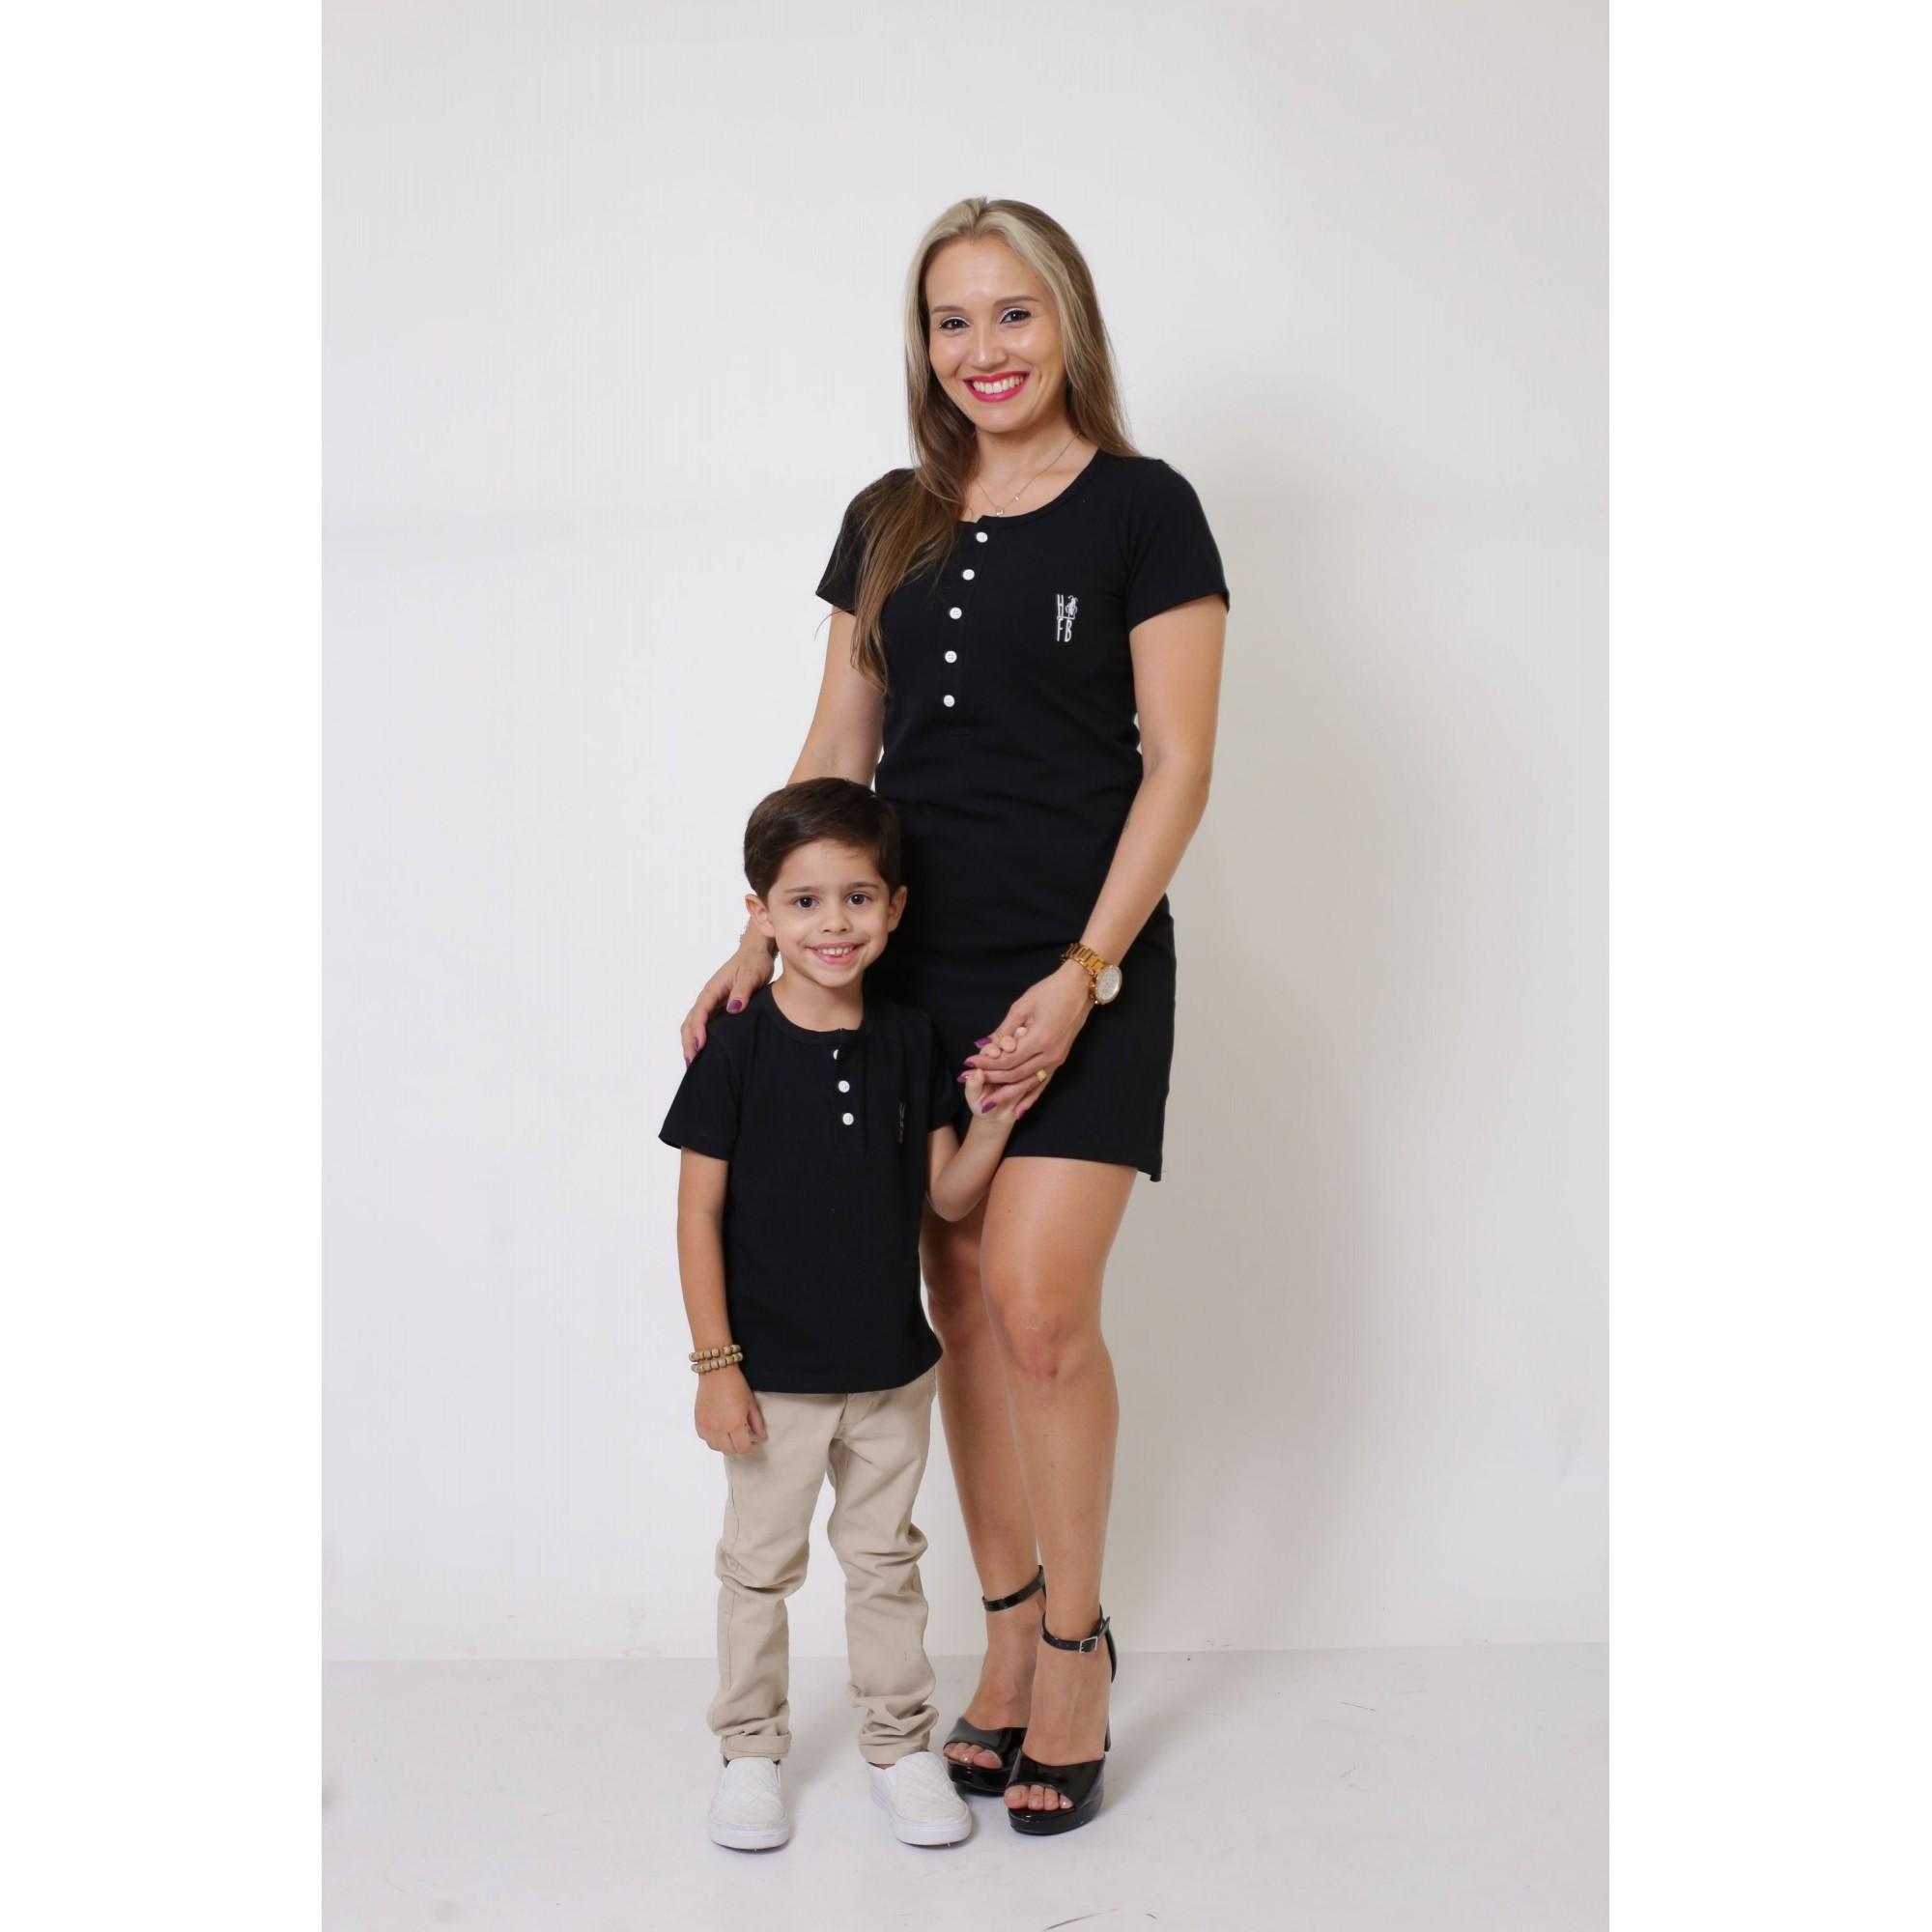 MÃE E FILHO > Kit Vestido + T-shirt Unissex ou Body Infantil - Henley - Preto [Coleção Tal Mãe Tal Filho]